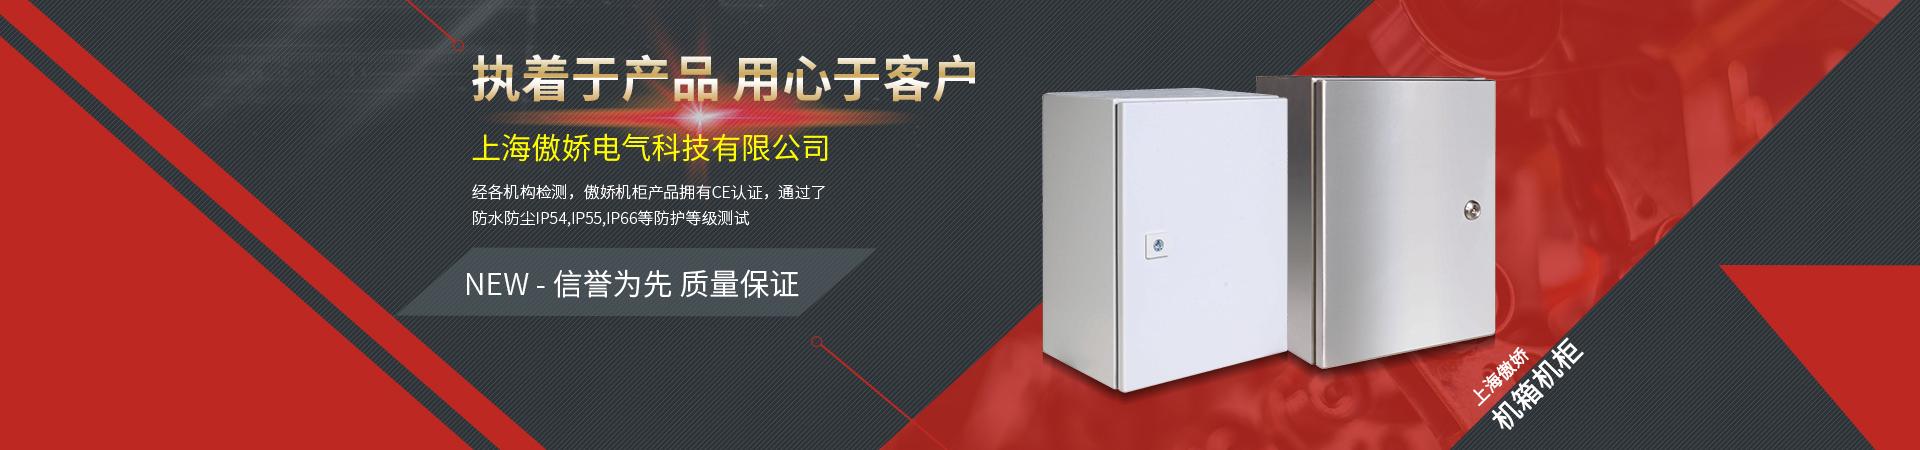 上海傲嬌電氣科技有限公司